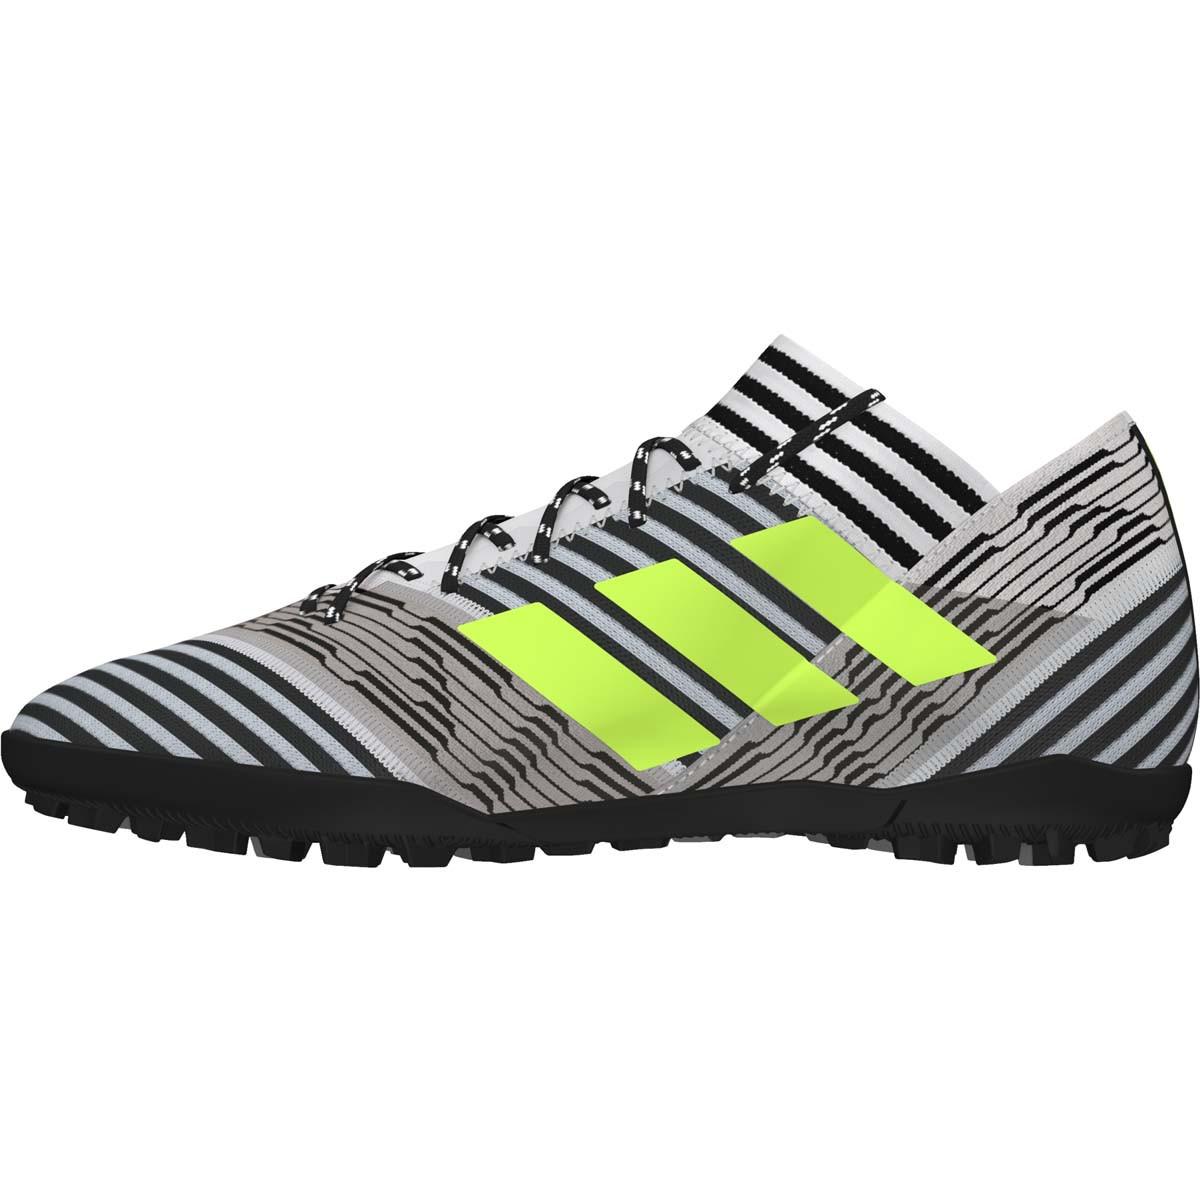 Tango Chaussures 3 Nemeziz Adidas 17 Noirblanc QrBdCoexW